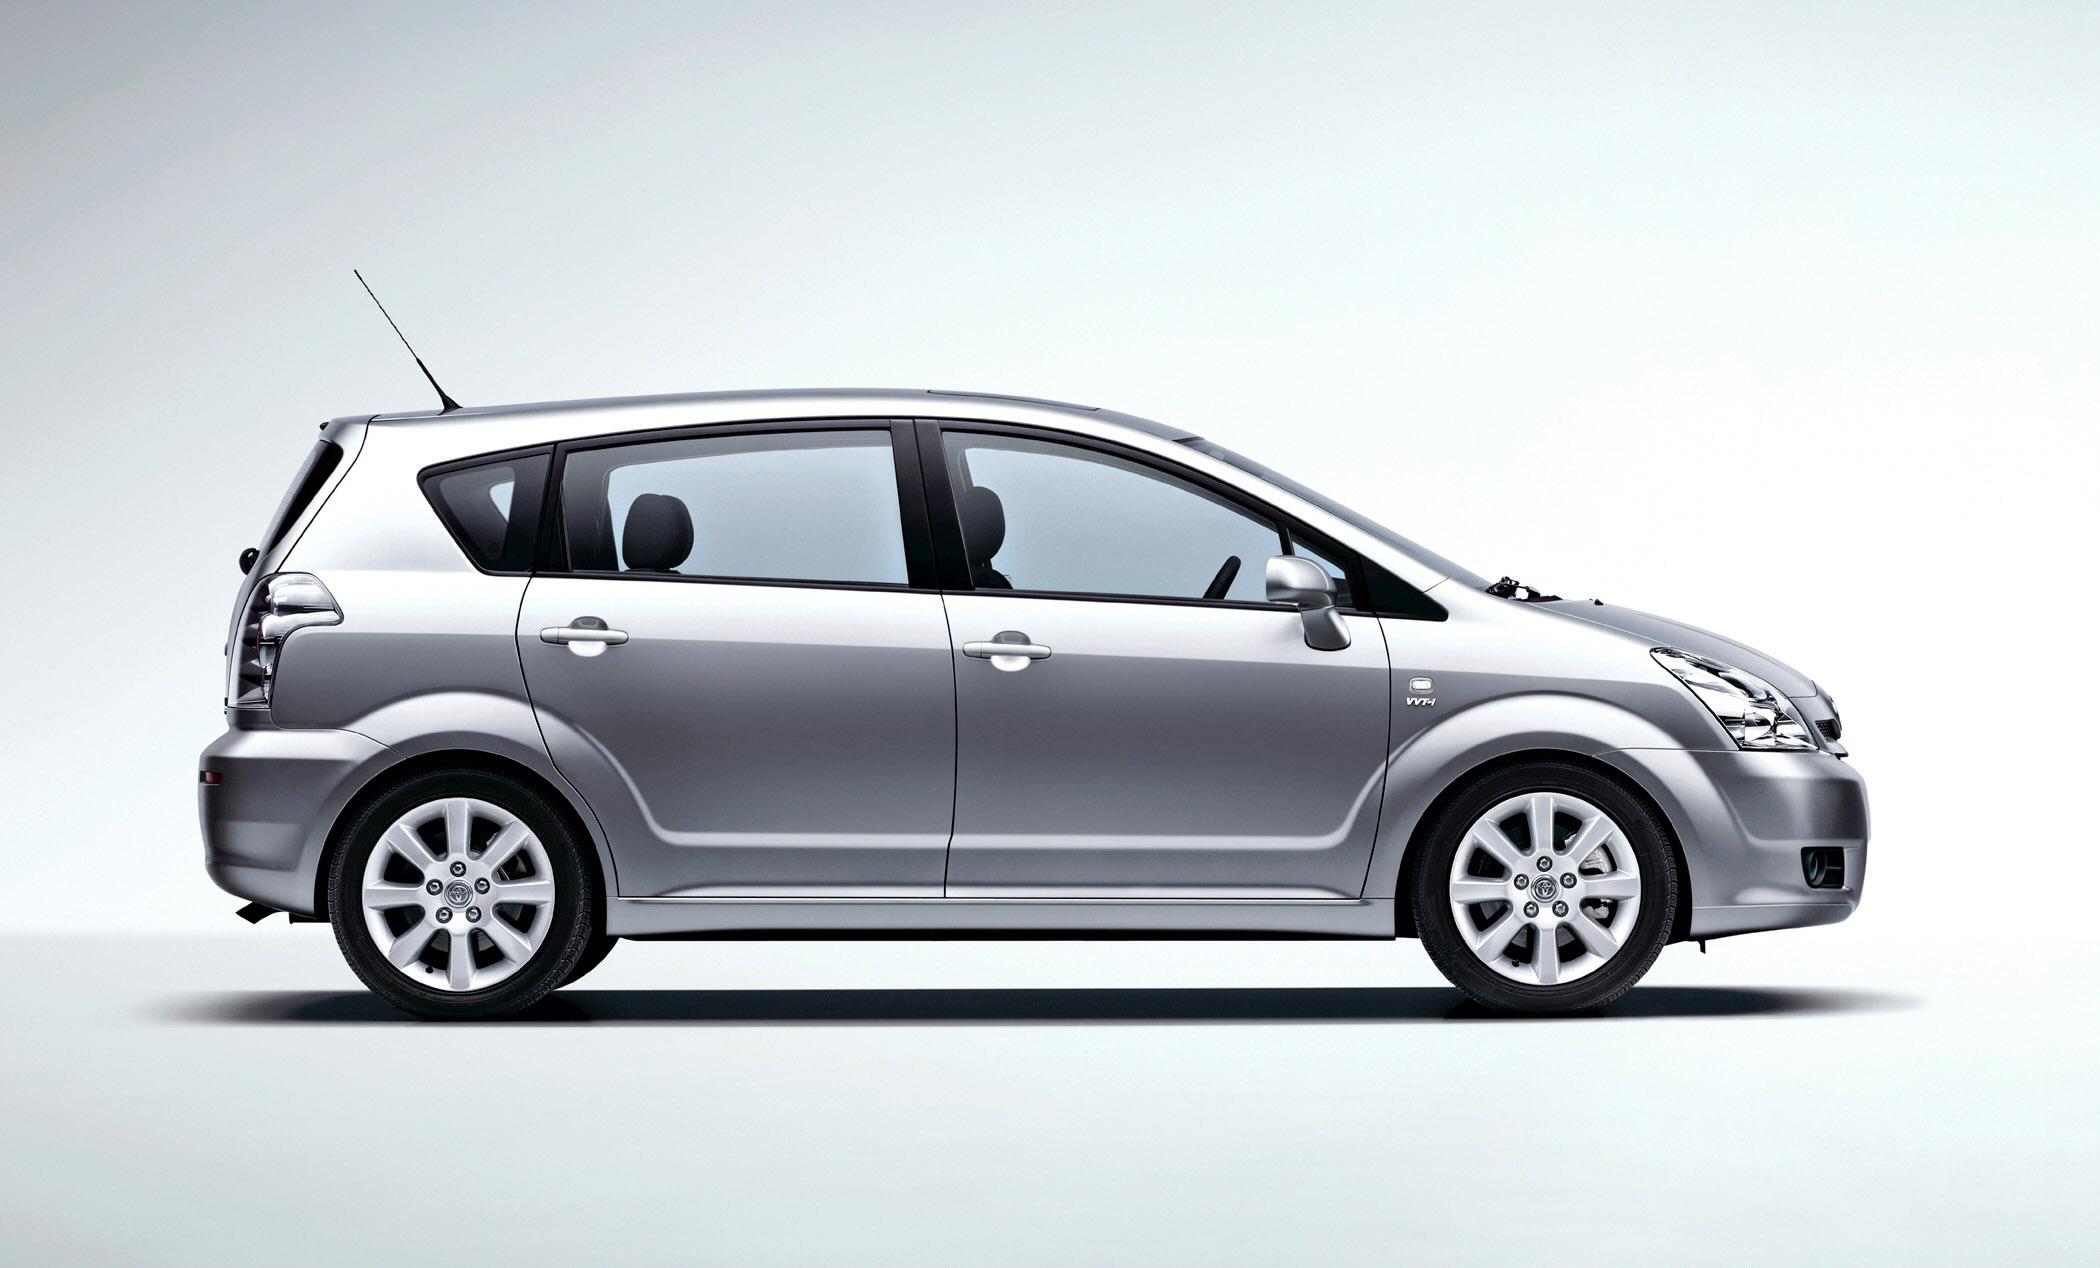 2008 Toyota Corolla Verso Picture